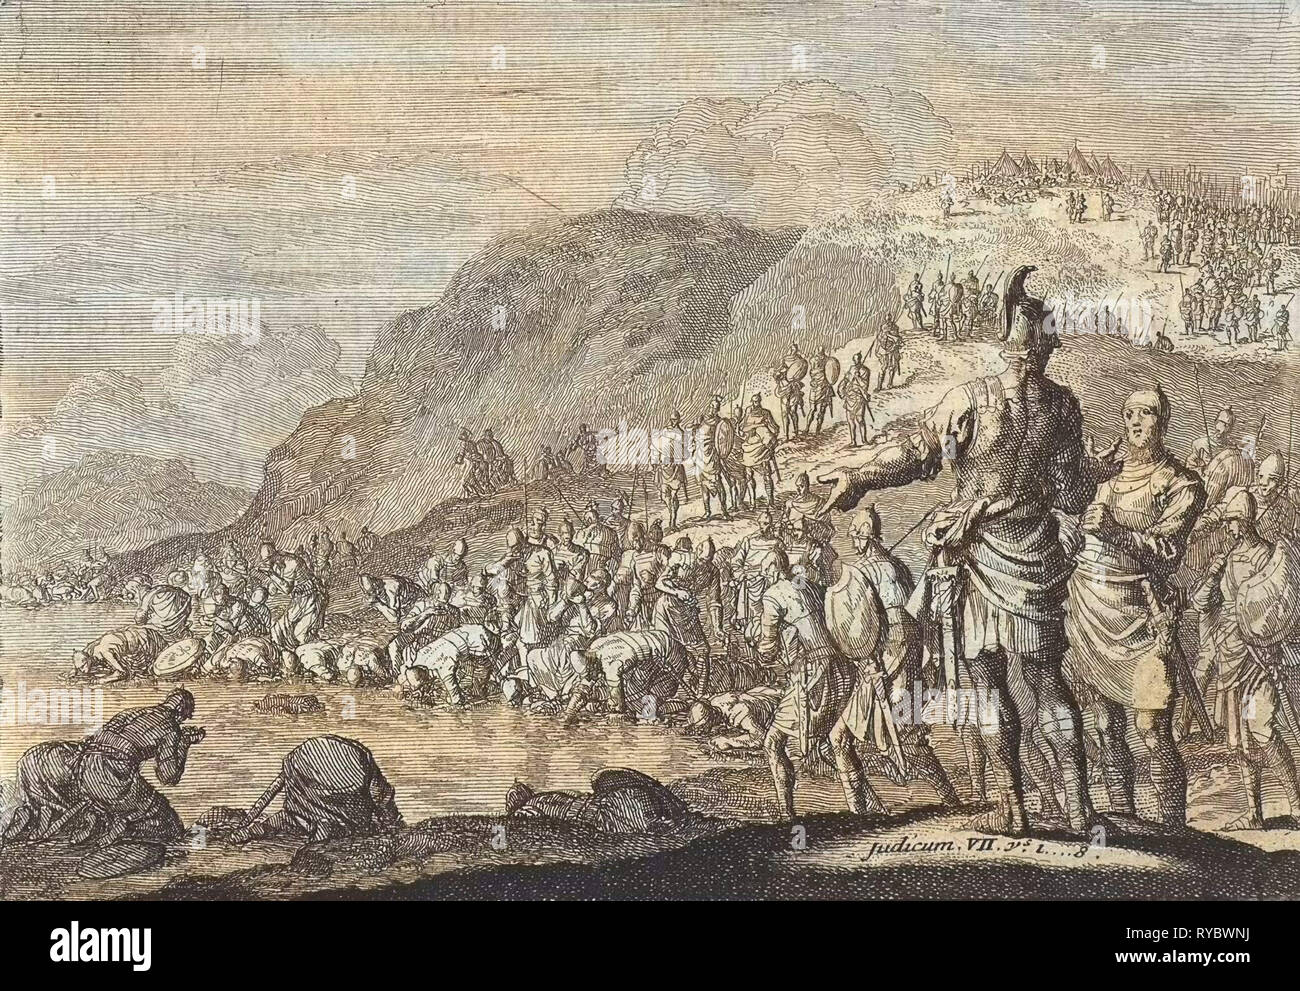 Gideon orders his men to drink water, Jan Luyken, Pieter Mortier, 1703 - 1762 - Stock Image